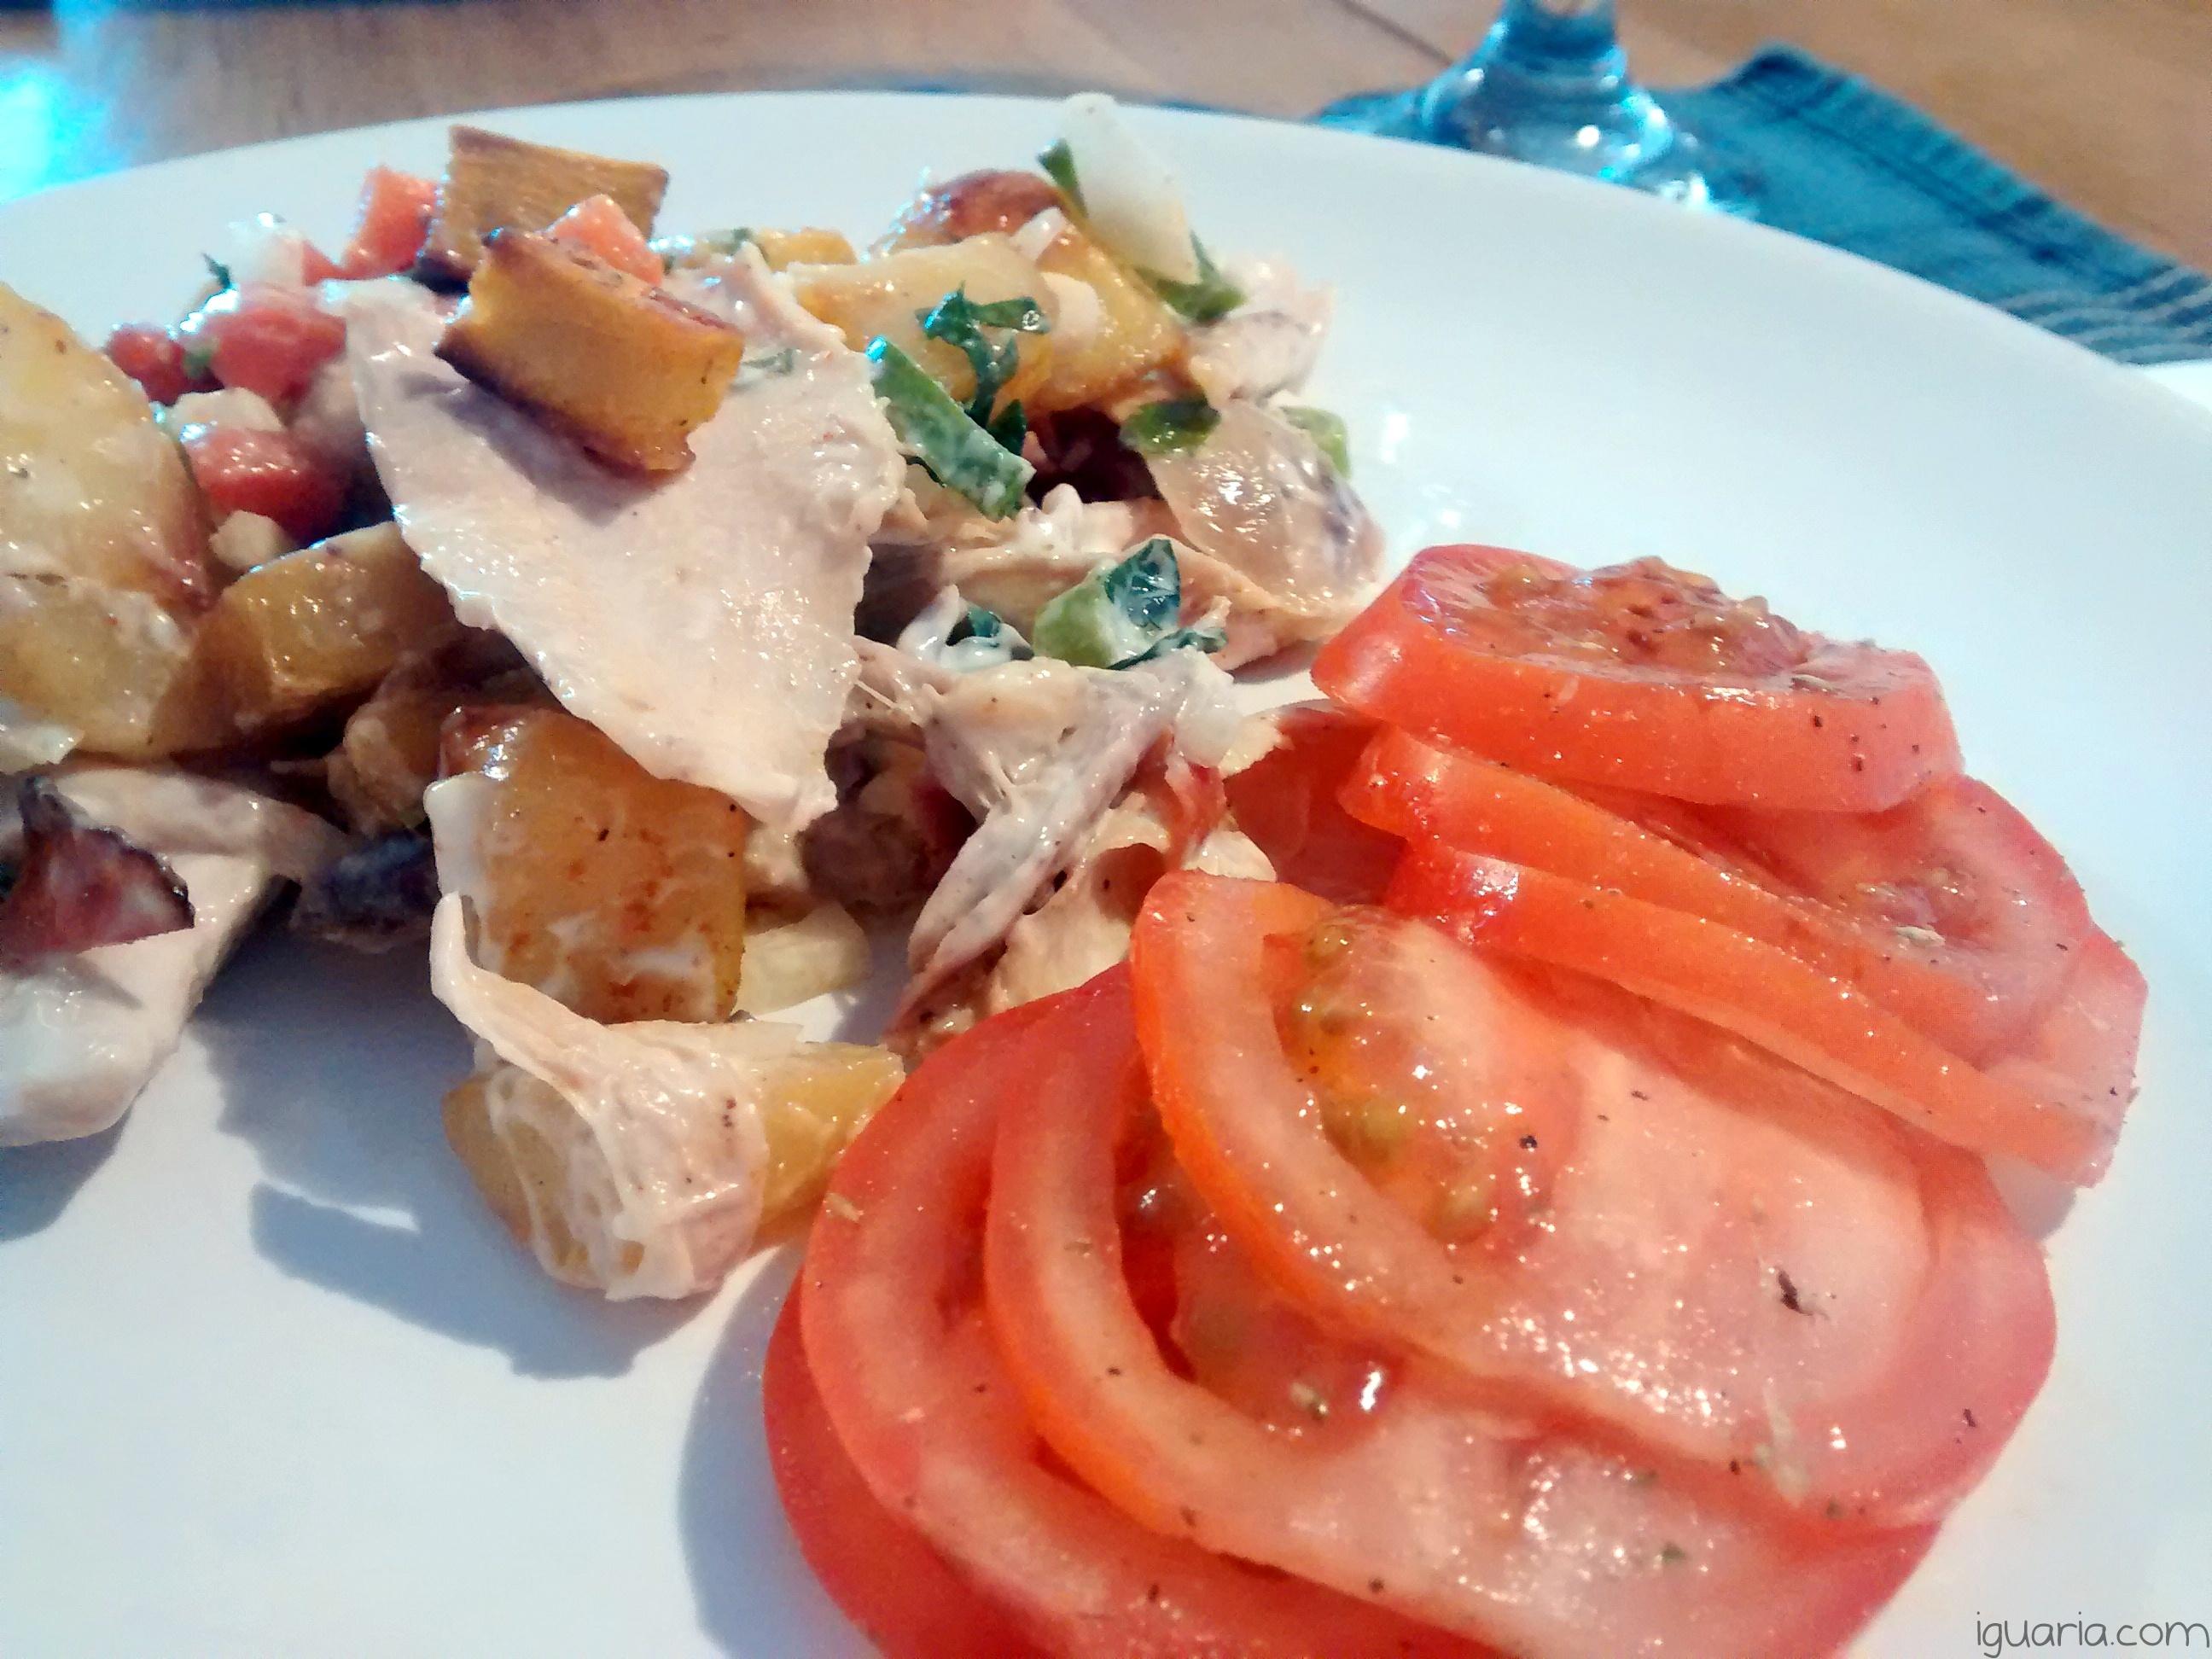 iguaria-salada-de-frango-com-tomate